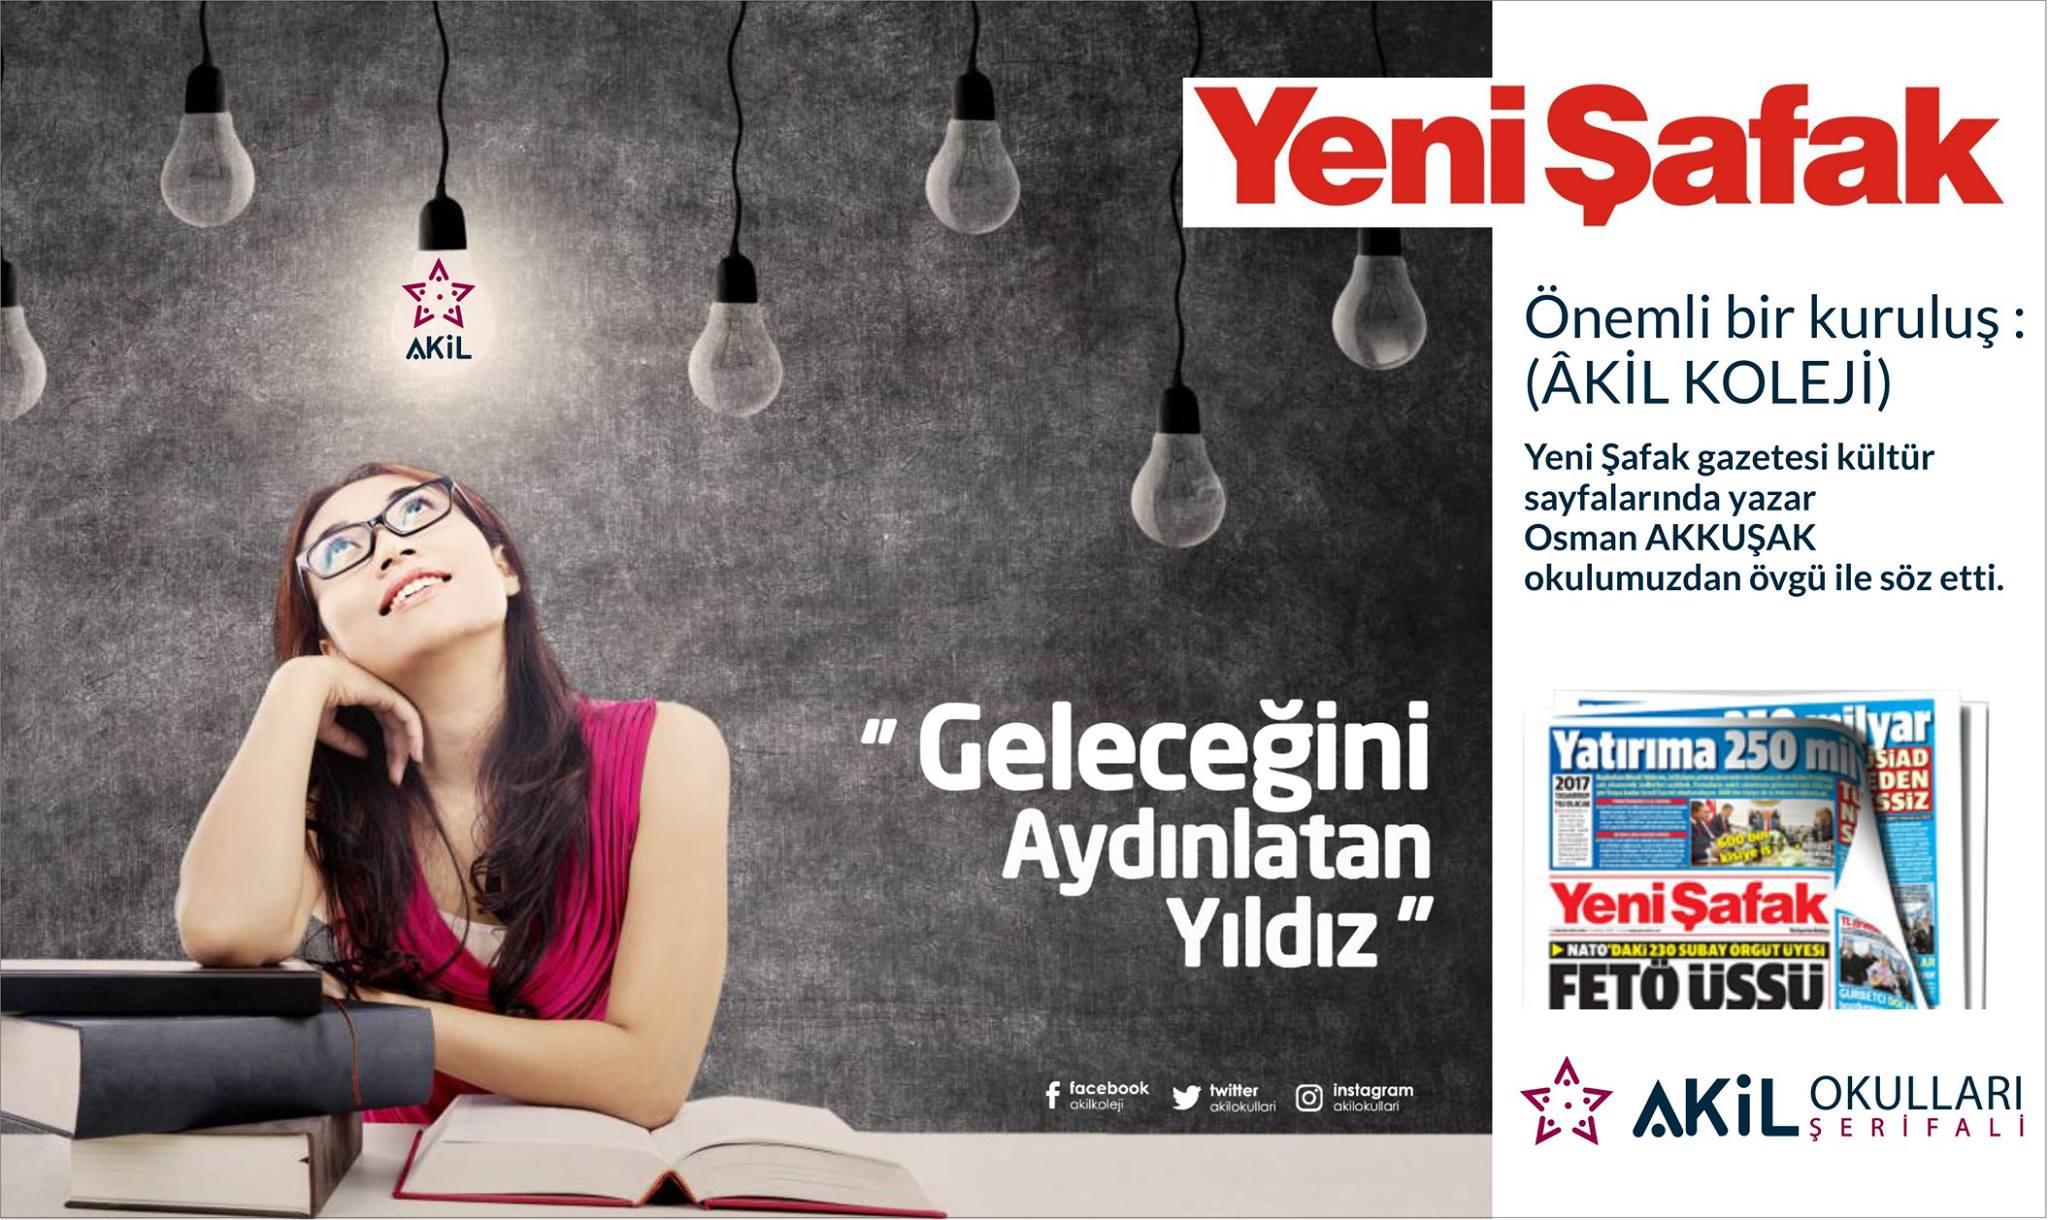 Akil Okulları Yeni Şafak Gazetesi'nde